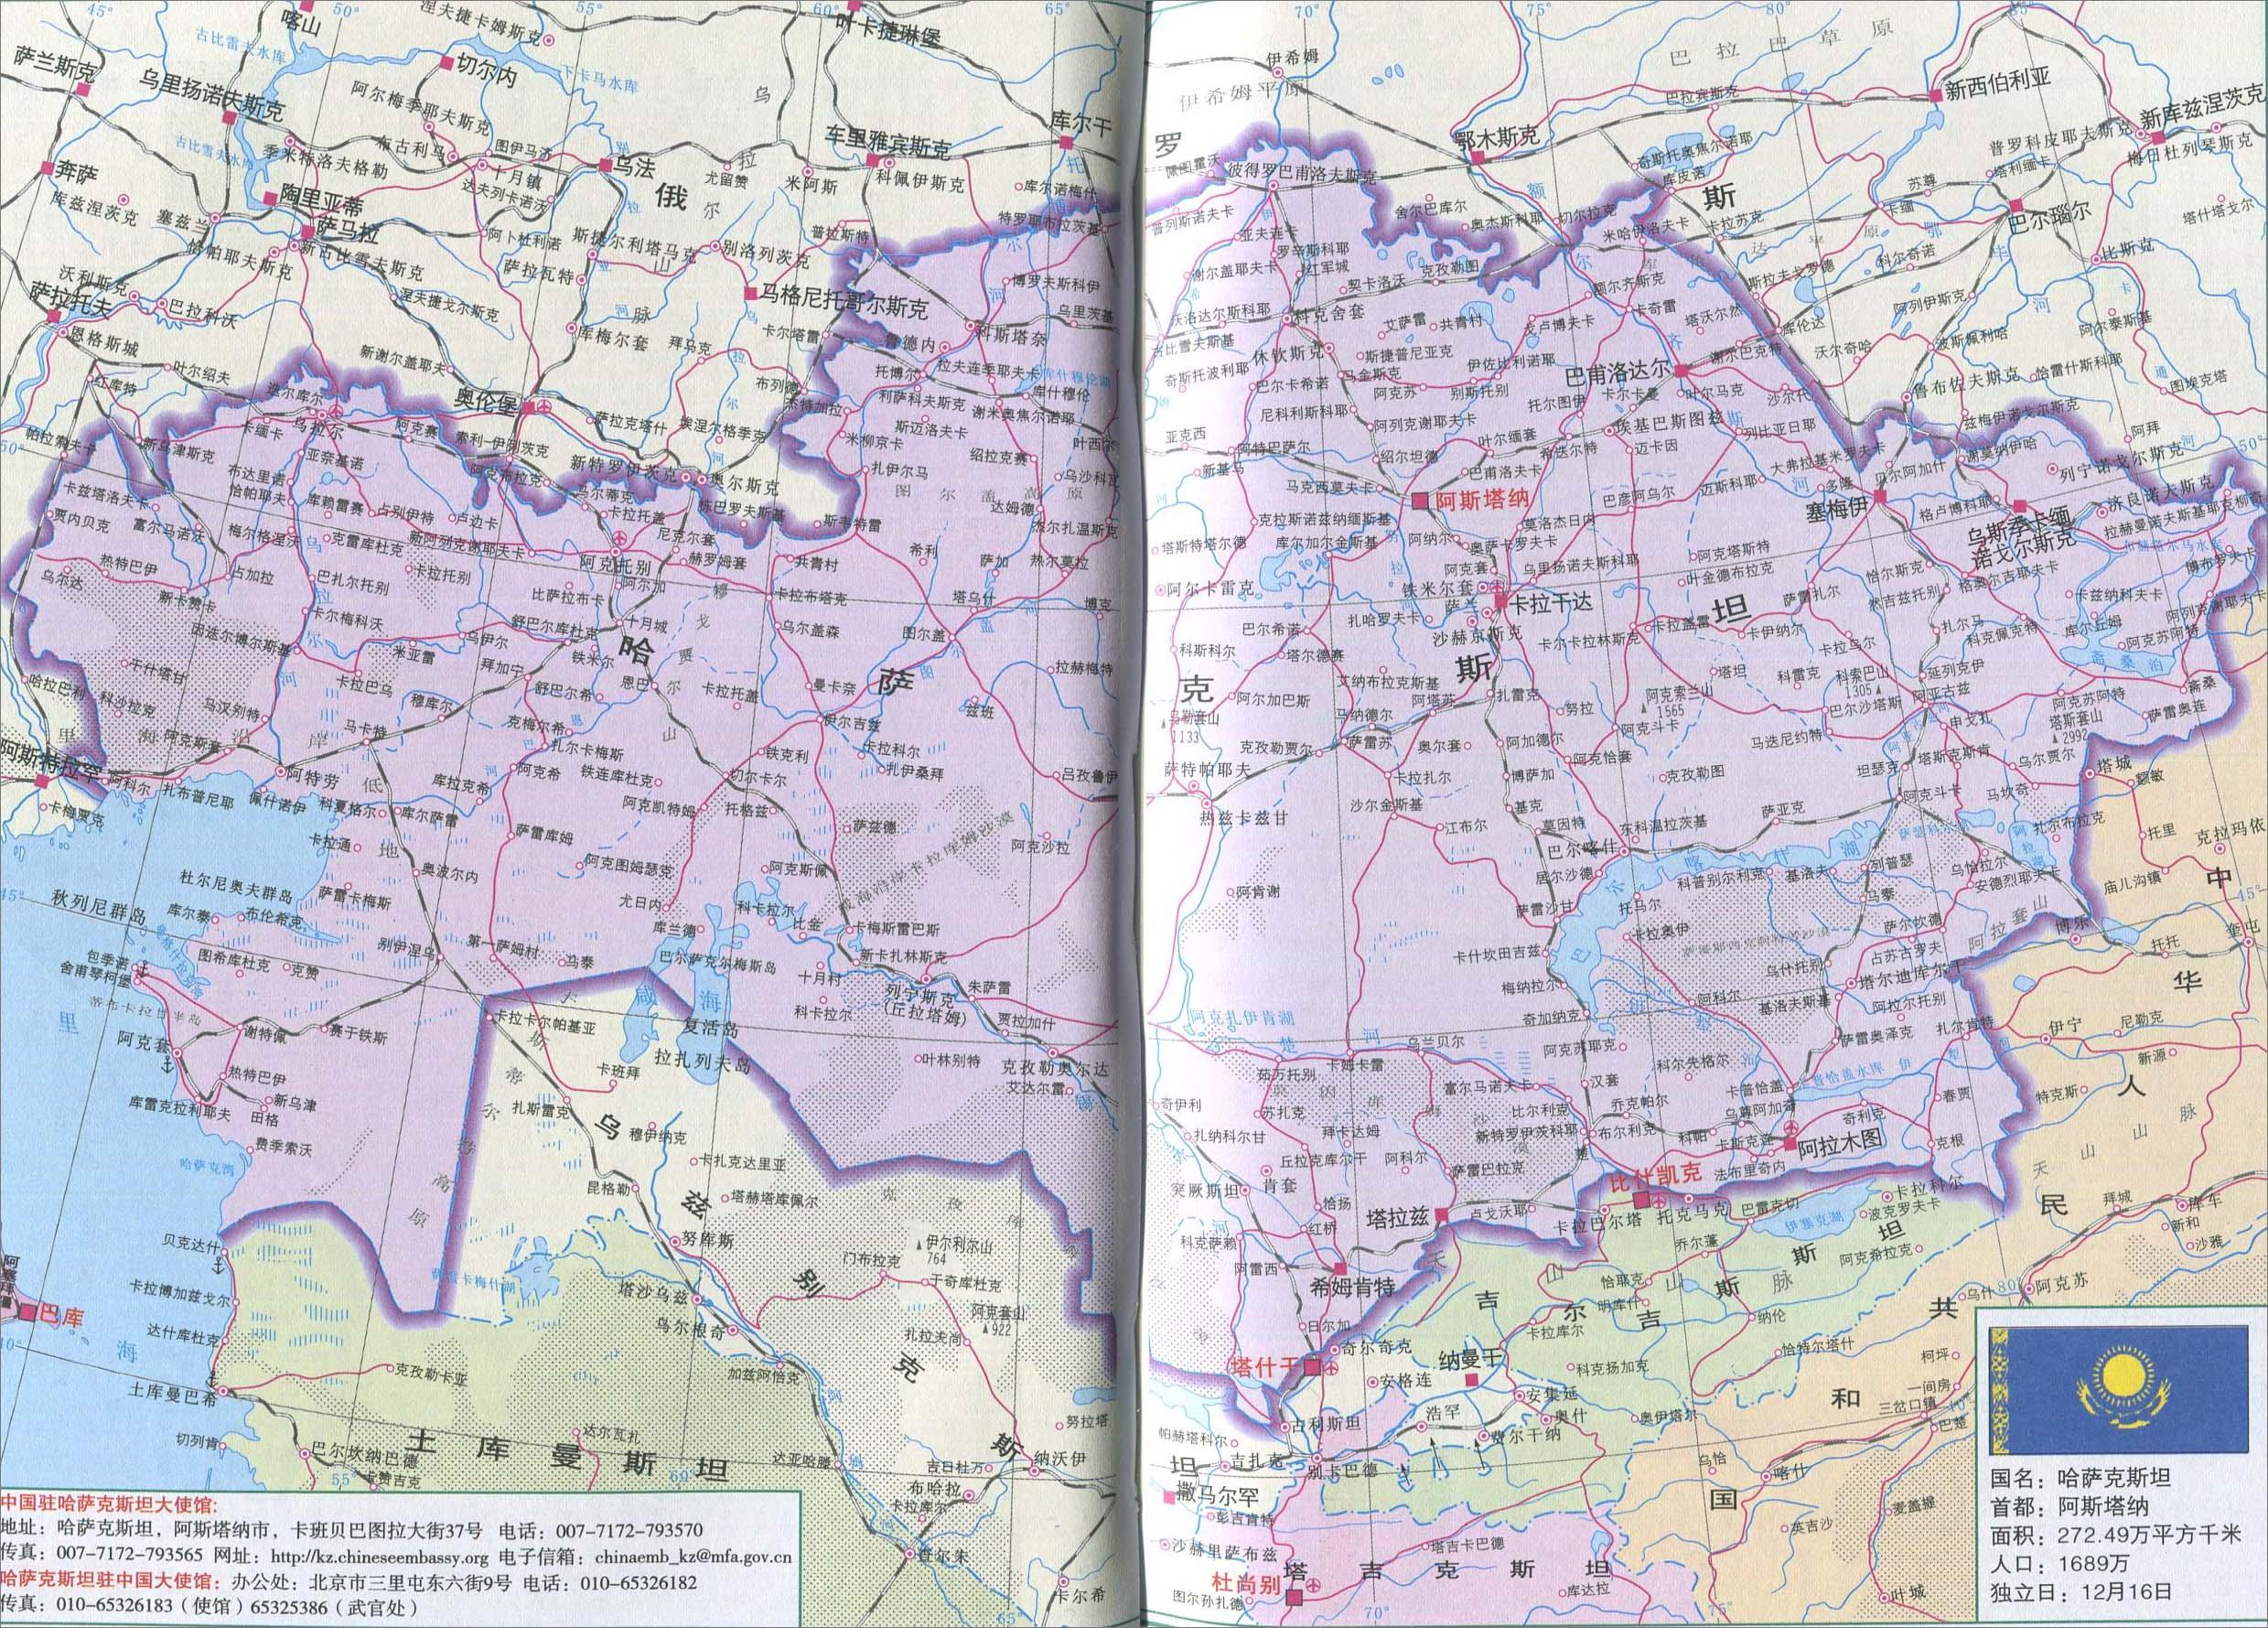 哈萨克斯坦旅游地图图片